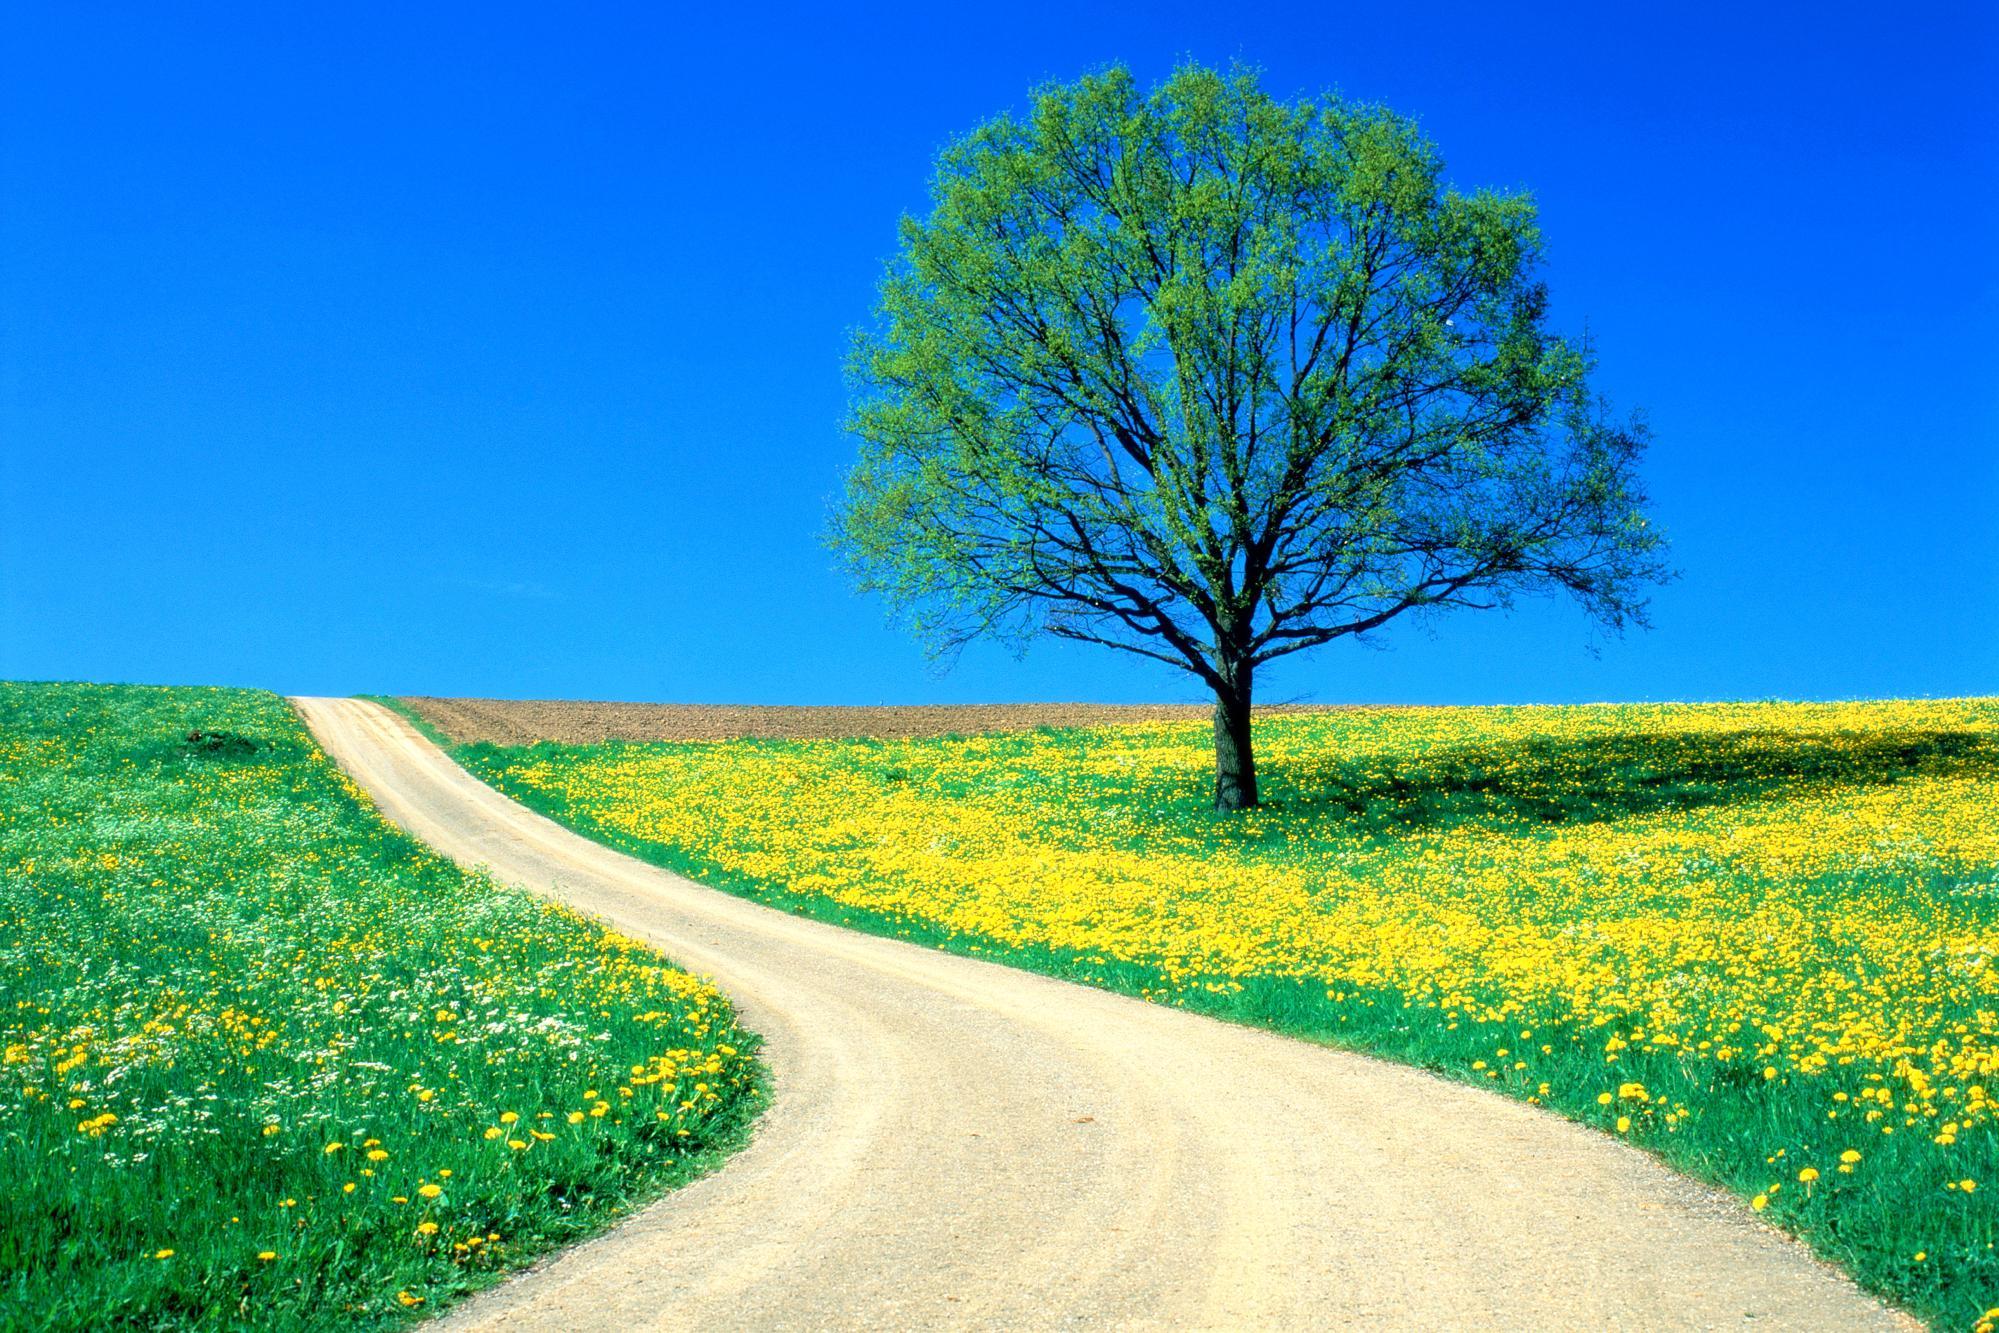 грунтовая дорога через цветущую поляну, скачать фото, дерево